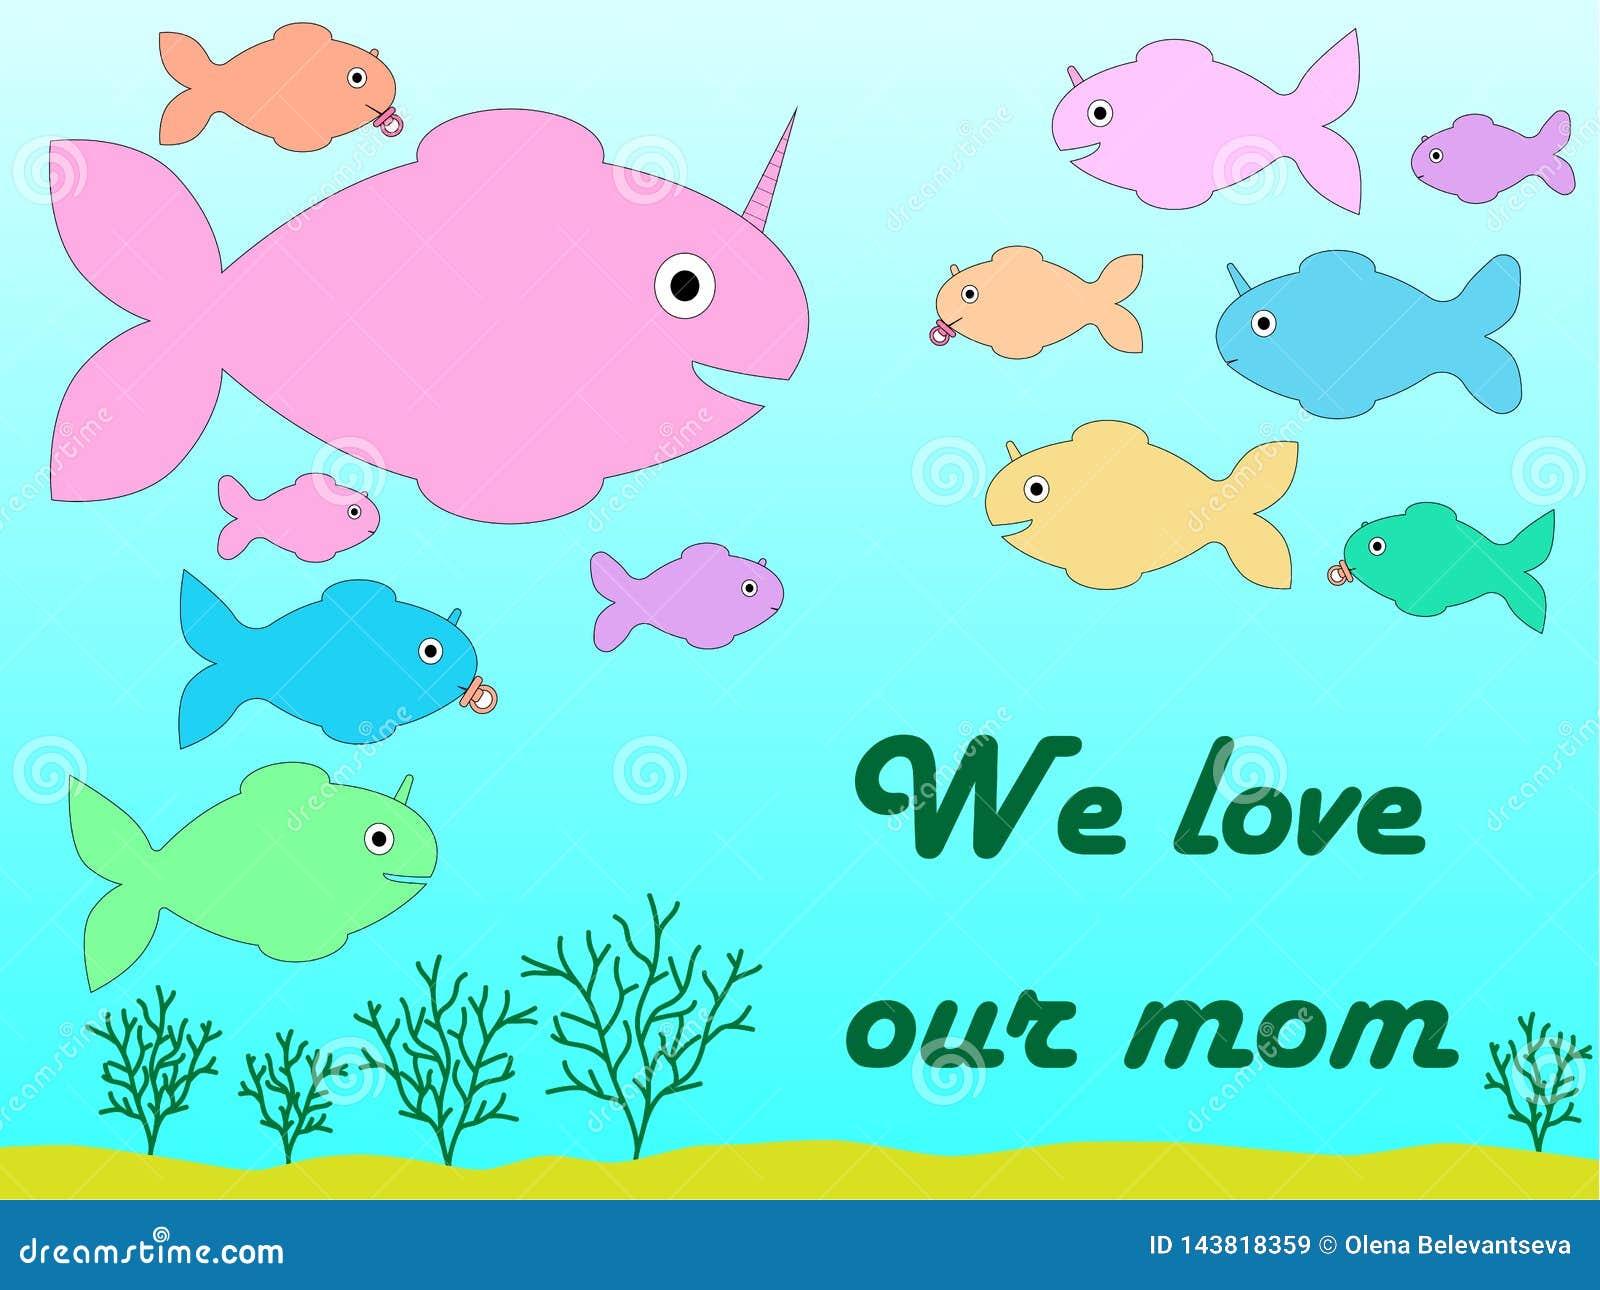 贺卡为以独角兽的一个手拉的鲨鱼的形式母亲节和他的小孩子和题字'我们爱